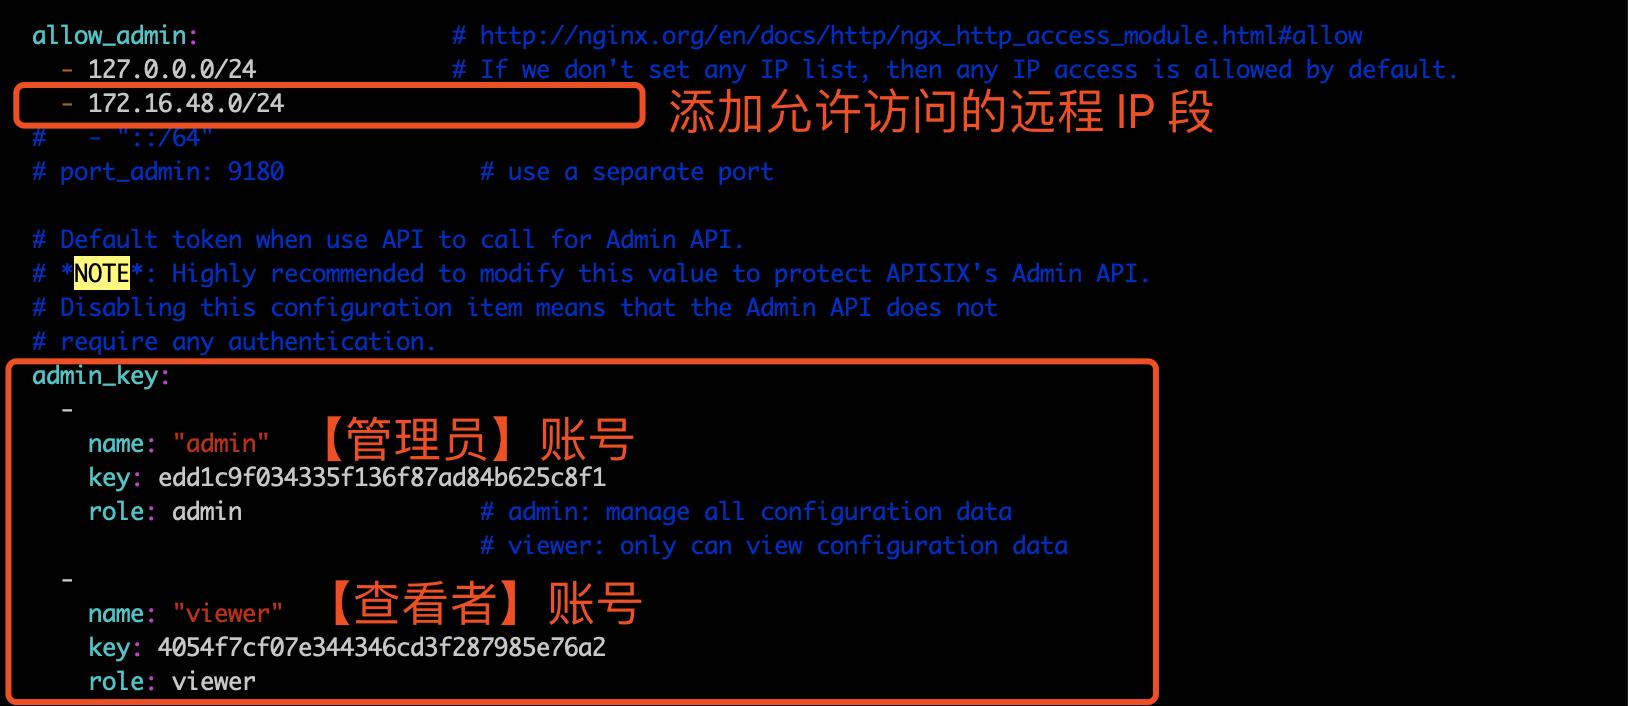 APISIX 控制台 - 修改配置